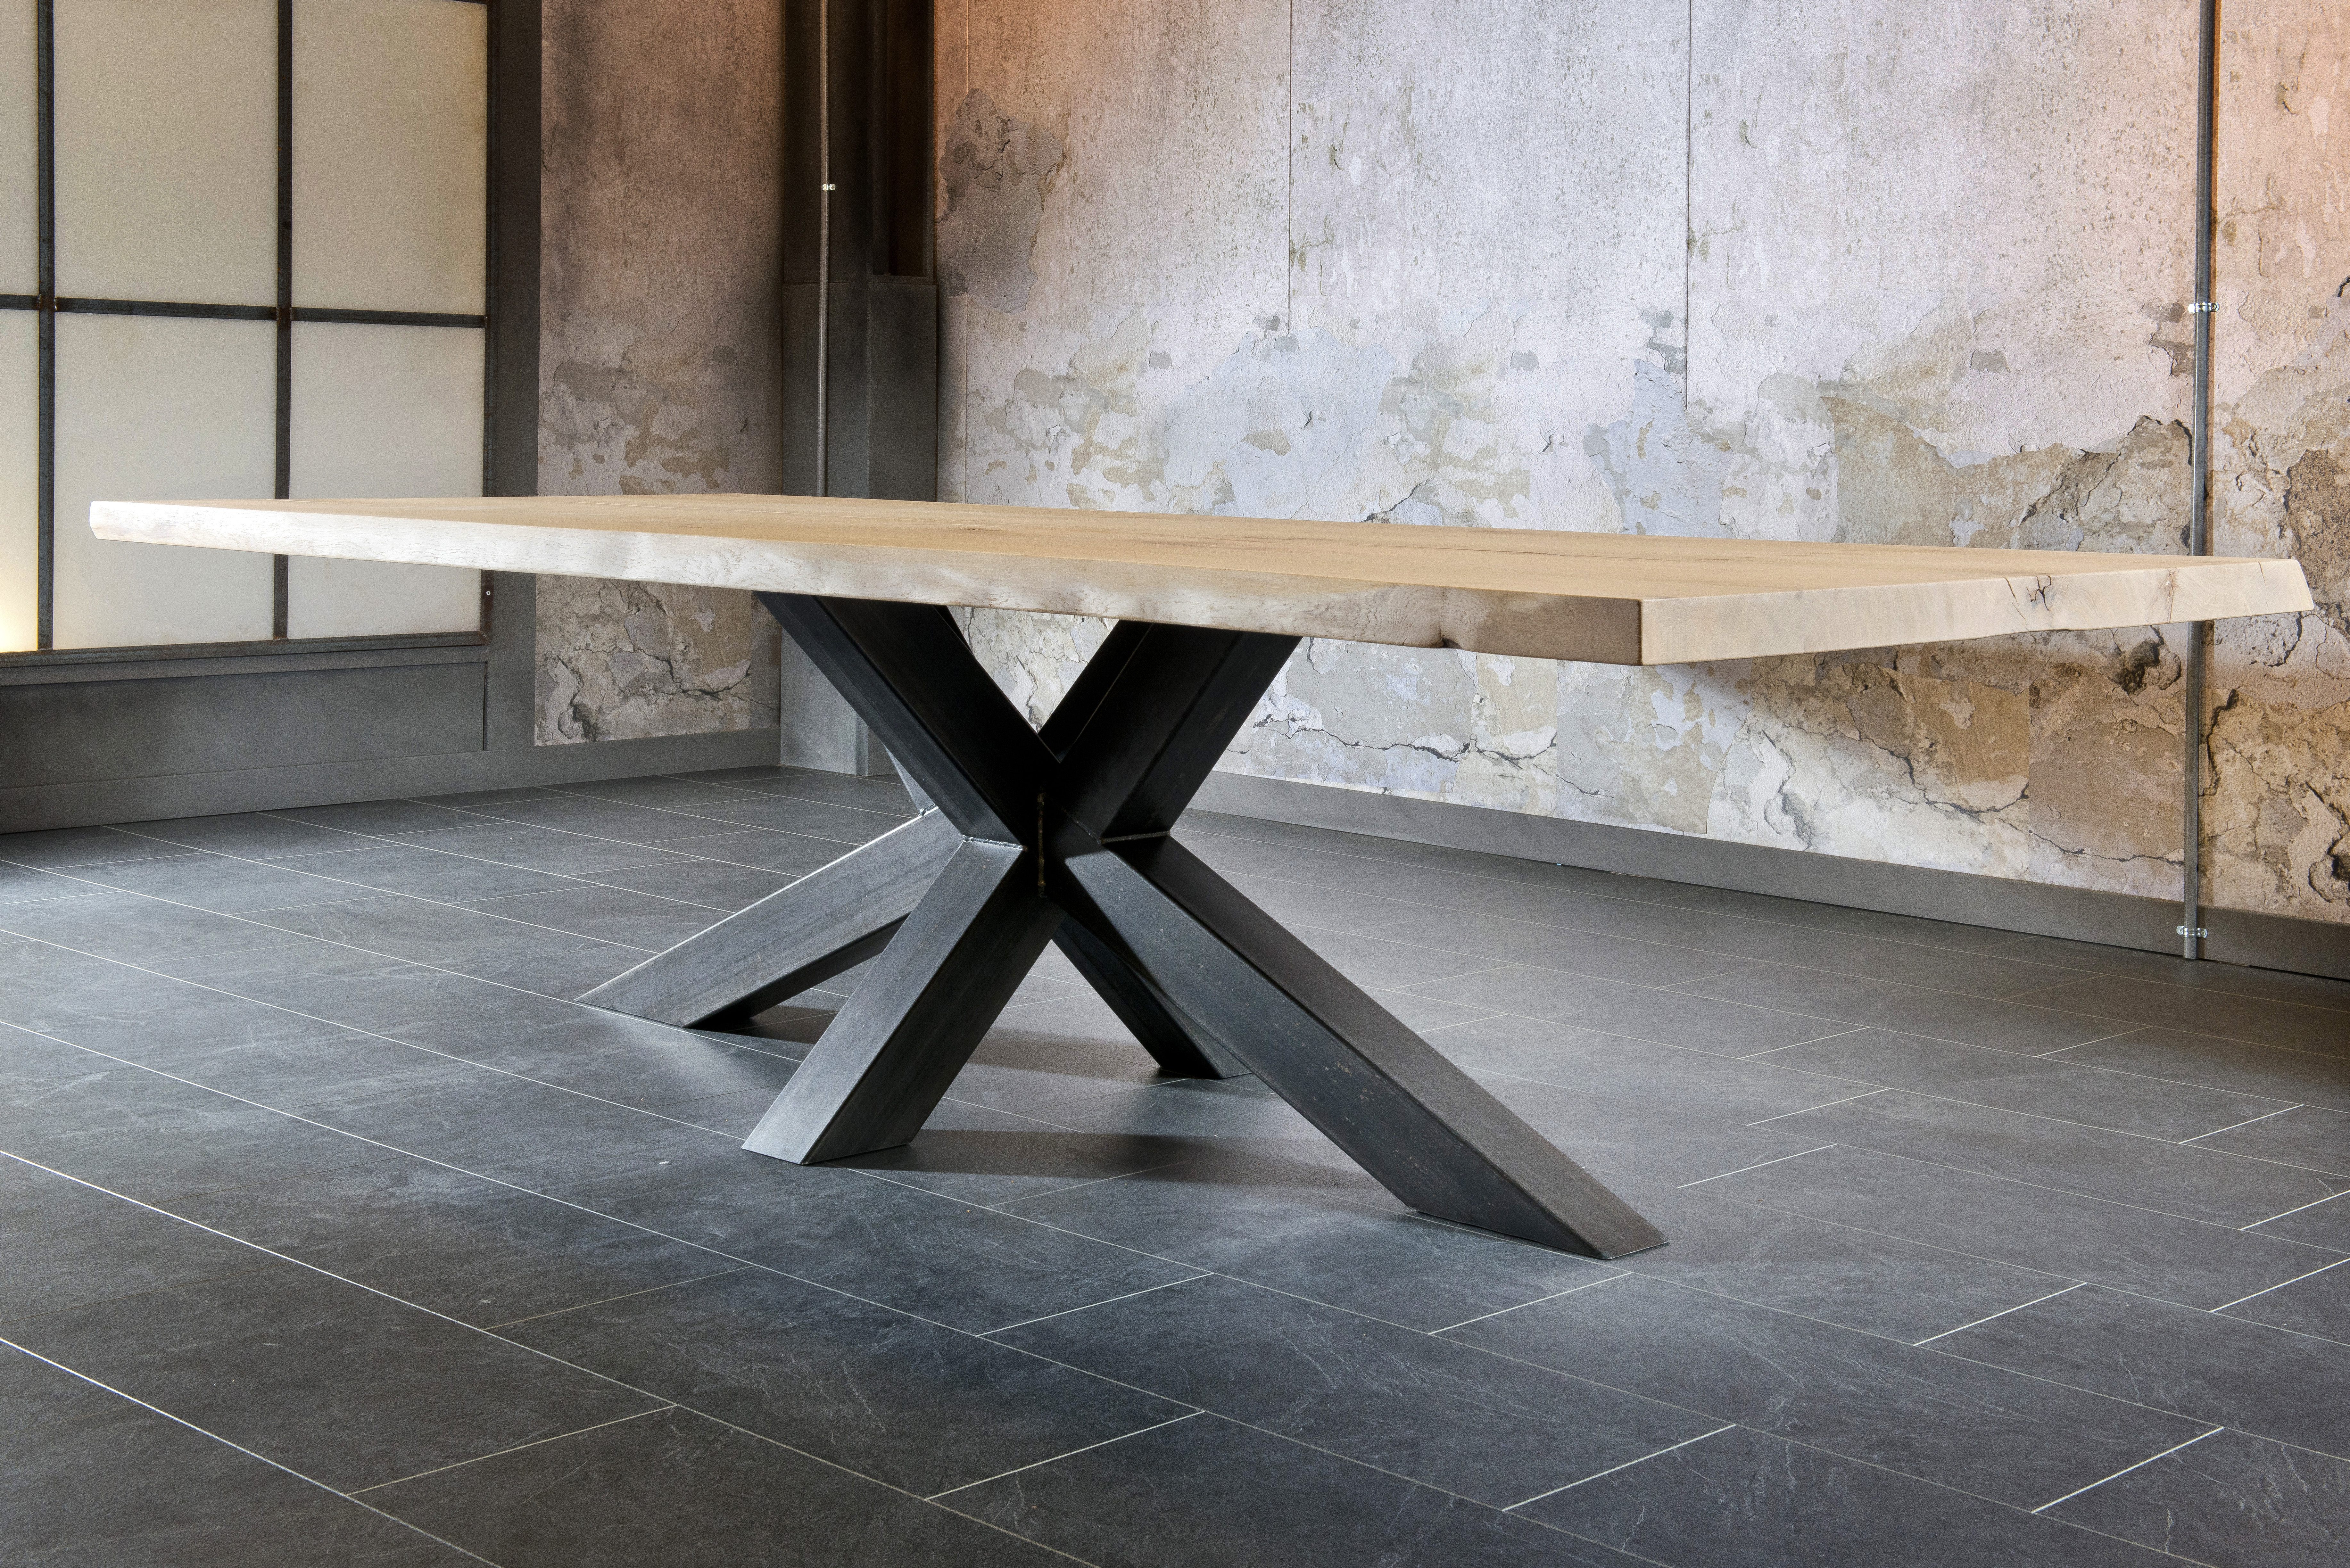 Superbe salle a manger design table industriel plateau bois pied métal @NV_38